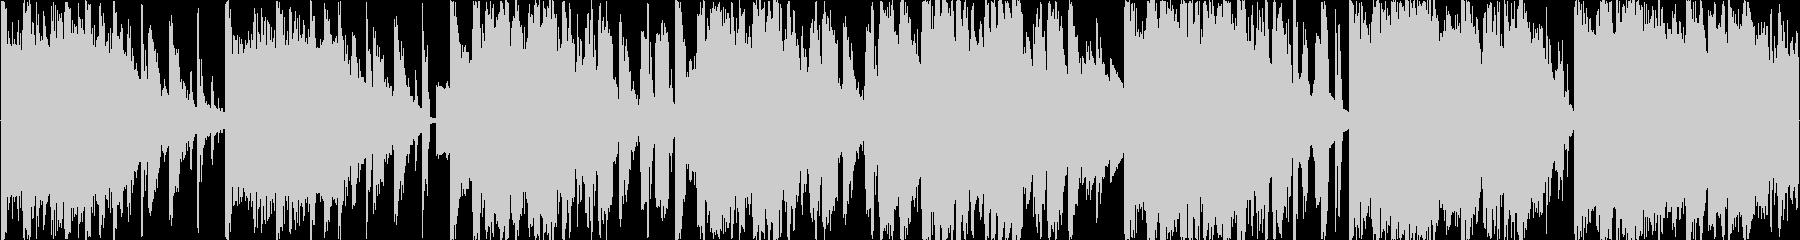 ややクセのある不穏な空気演出系エレクトロの未再生の波形